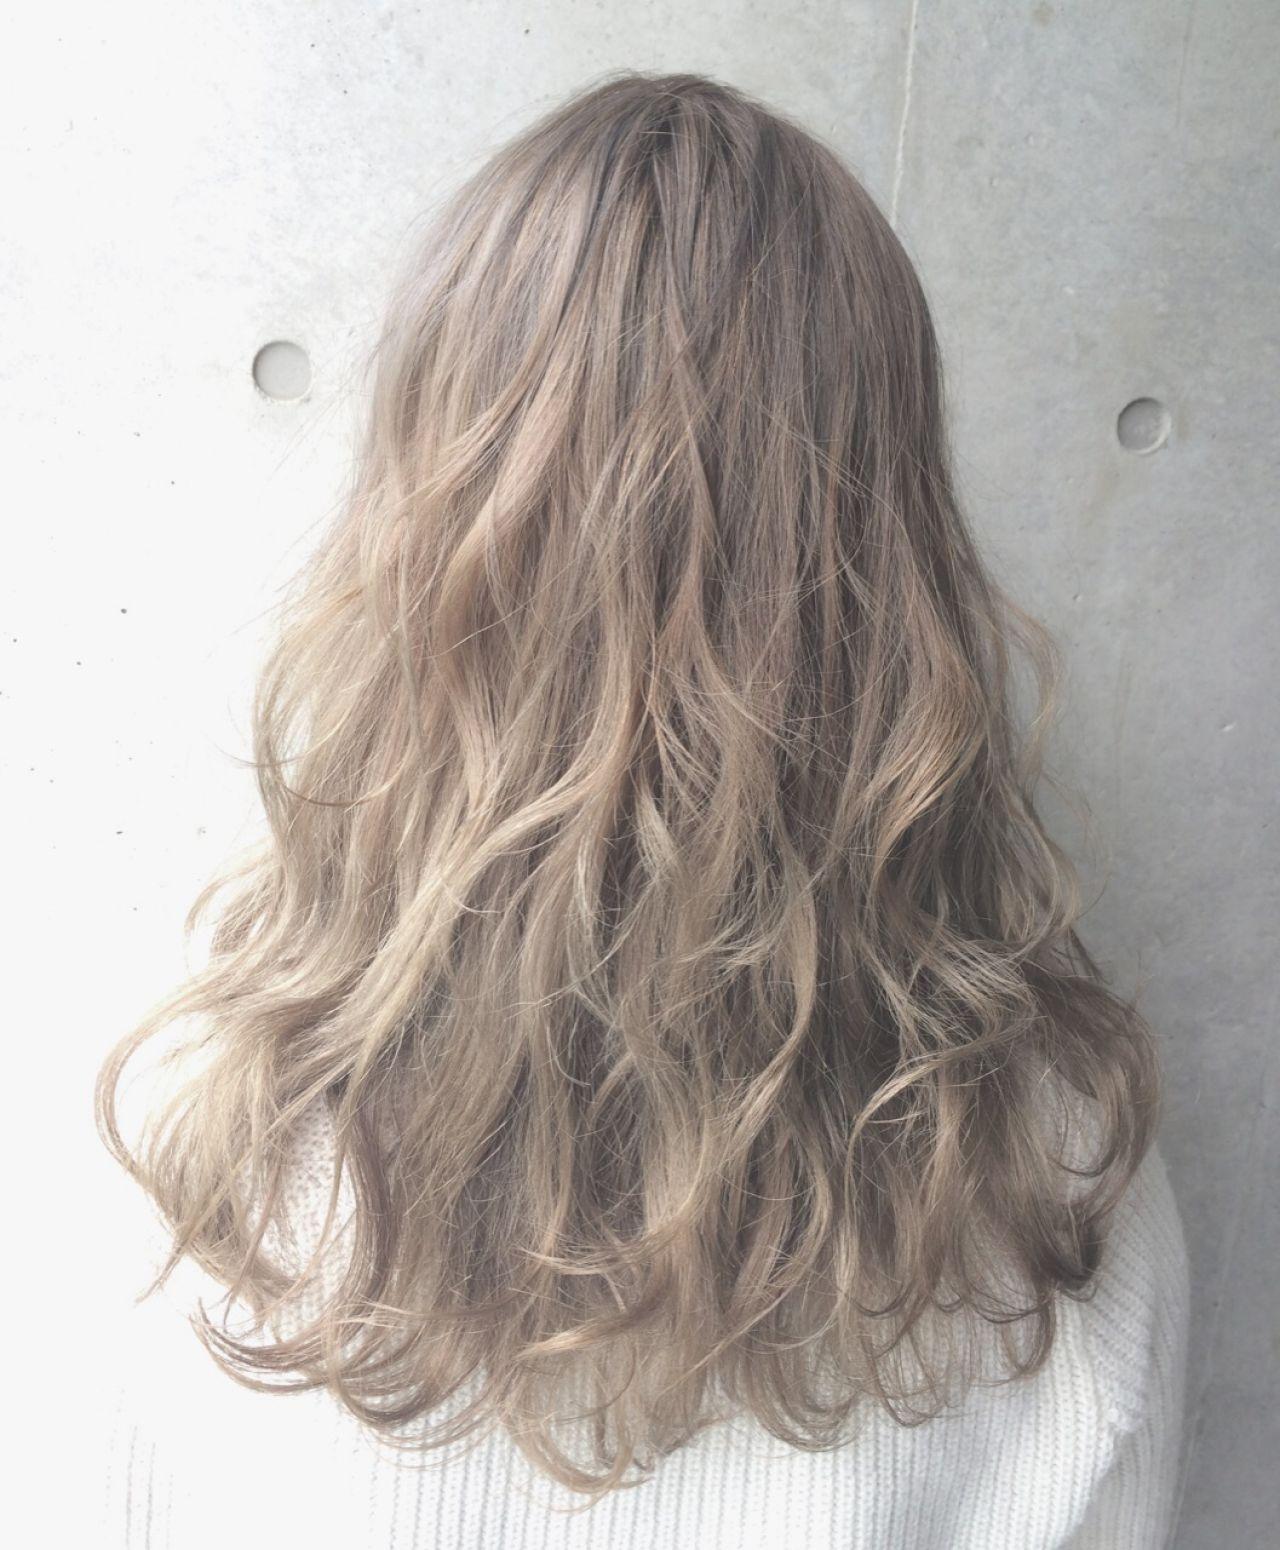 ストリート 外国人風 ハイトーン 春 ヘアスタイルや髪型の写真・画像 | 米川光平/melgina(メルジーナ) / melgina(メルジーナ)